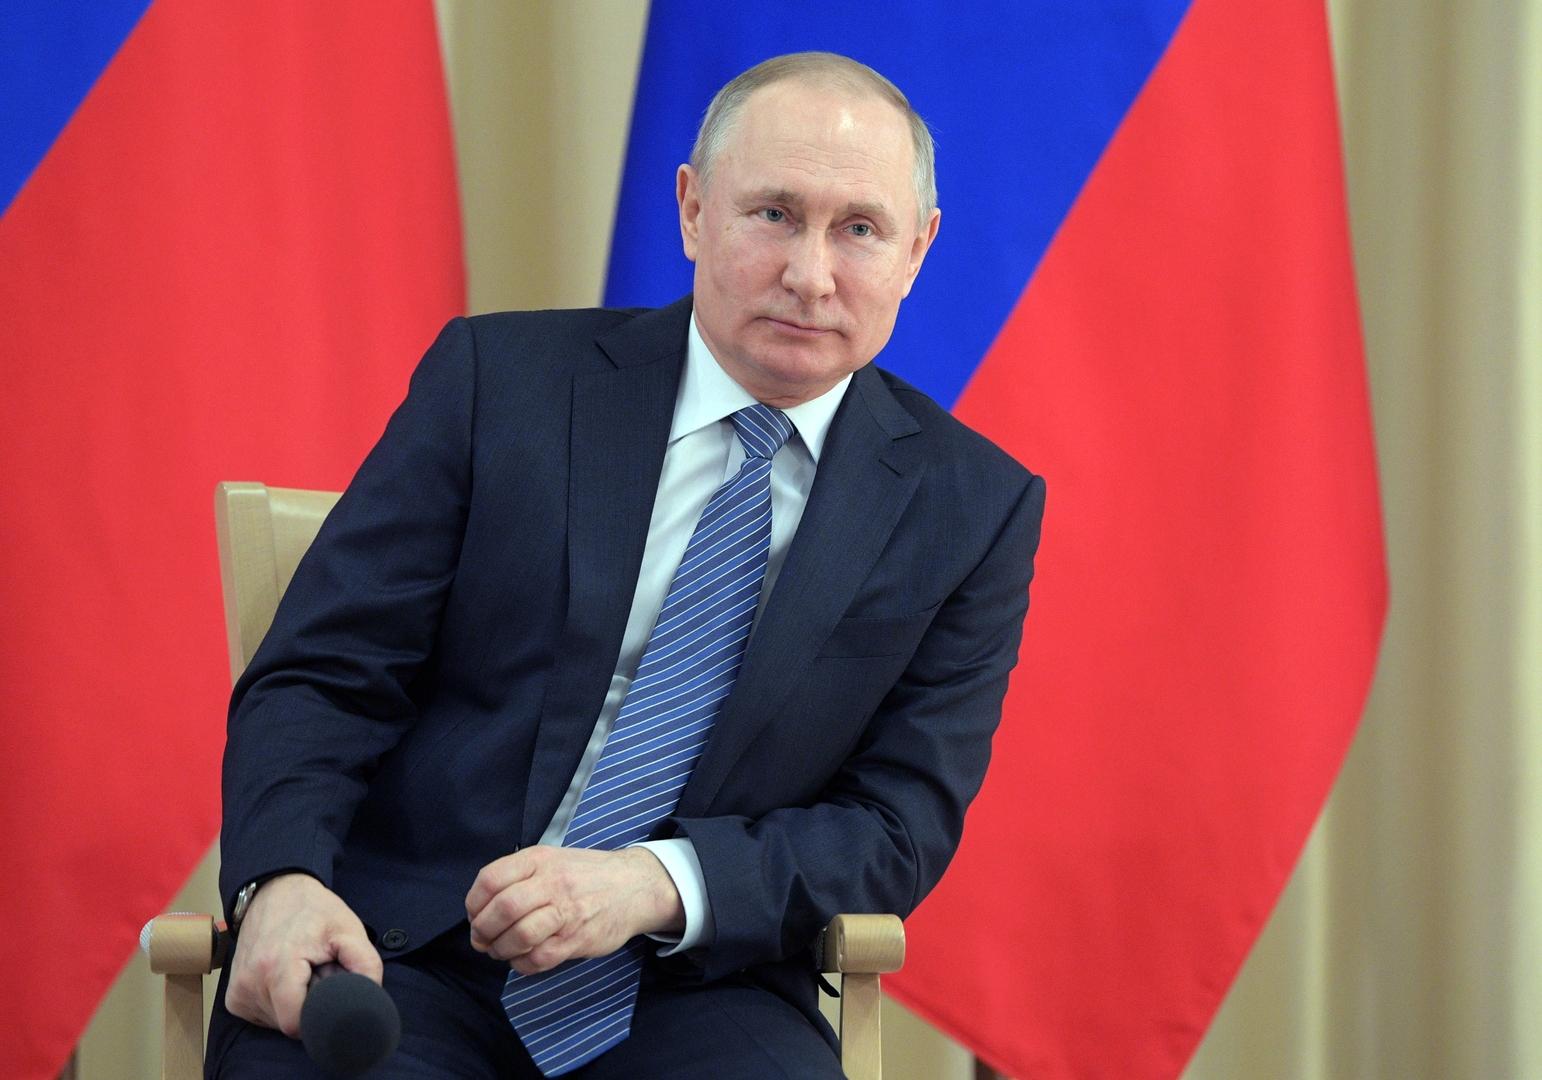 بوتين: نأمل أن تنتهي الحرب ضد كورونا خلال 3 أشهر